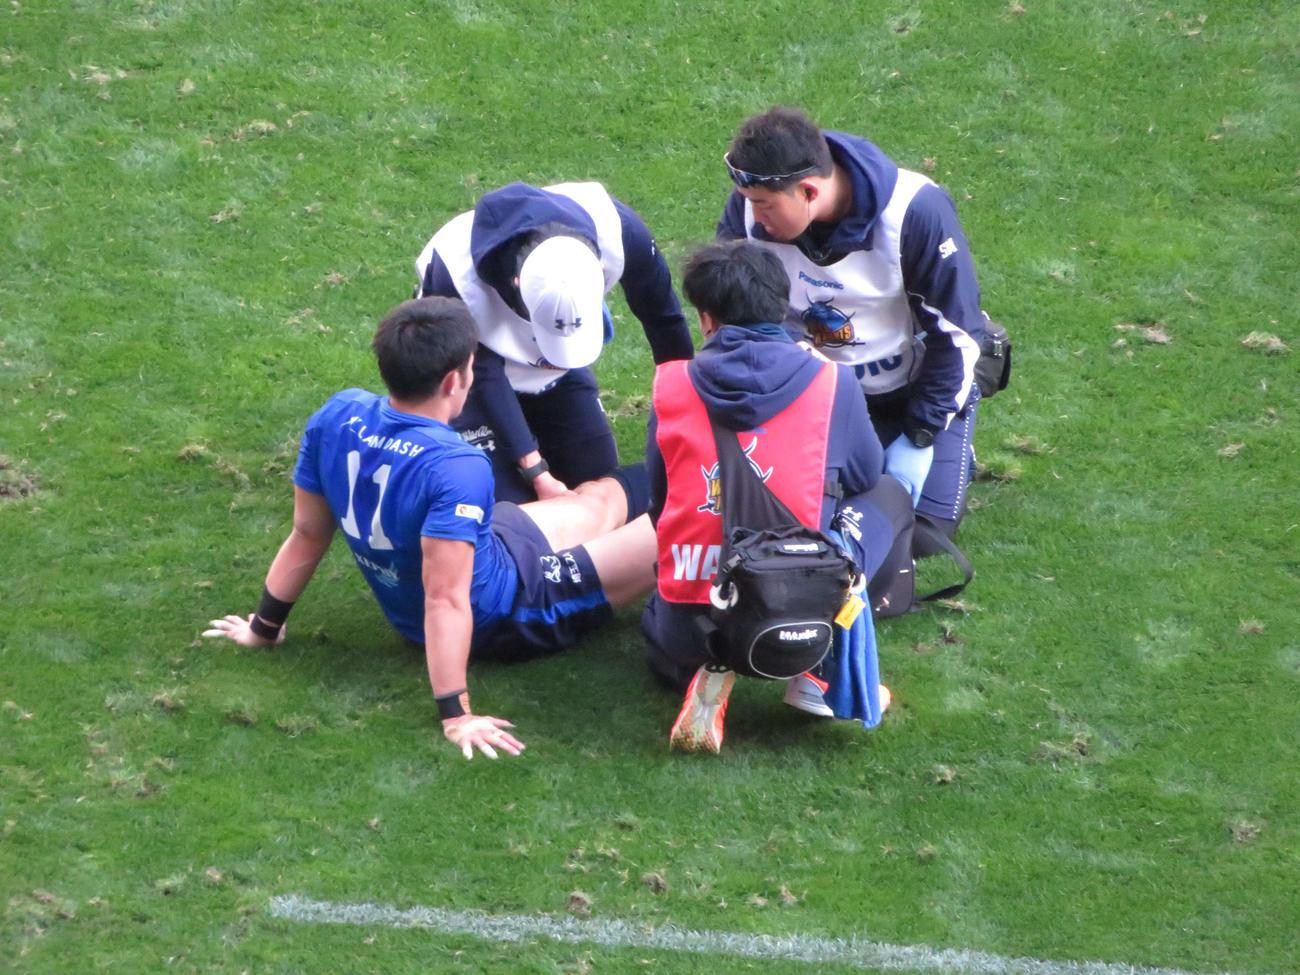 18日、トヨタ自動車戦で左足を負傷して治療を受けるパナソニック福岡(左)